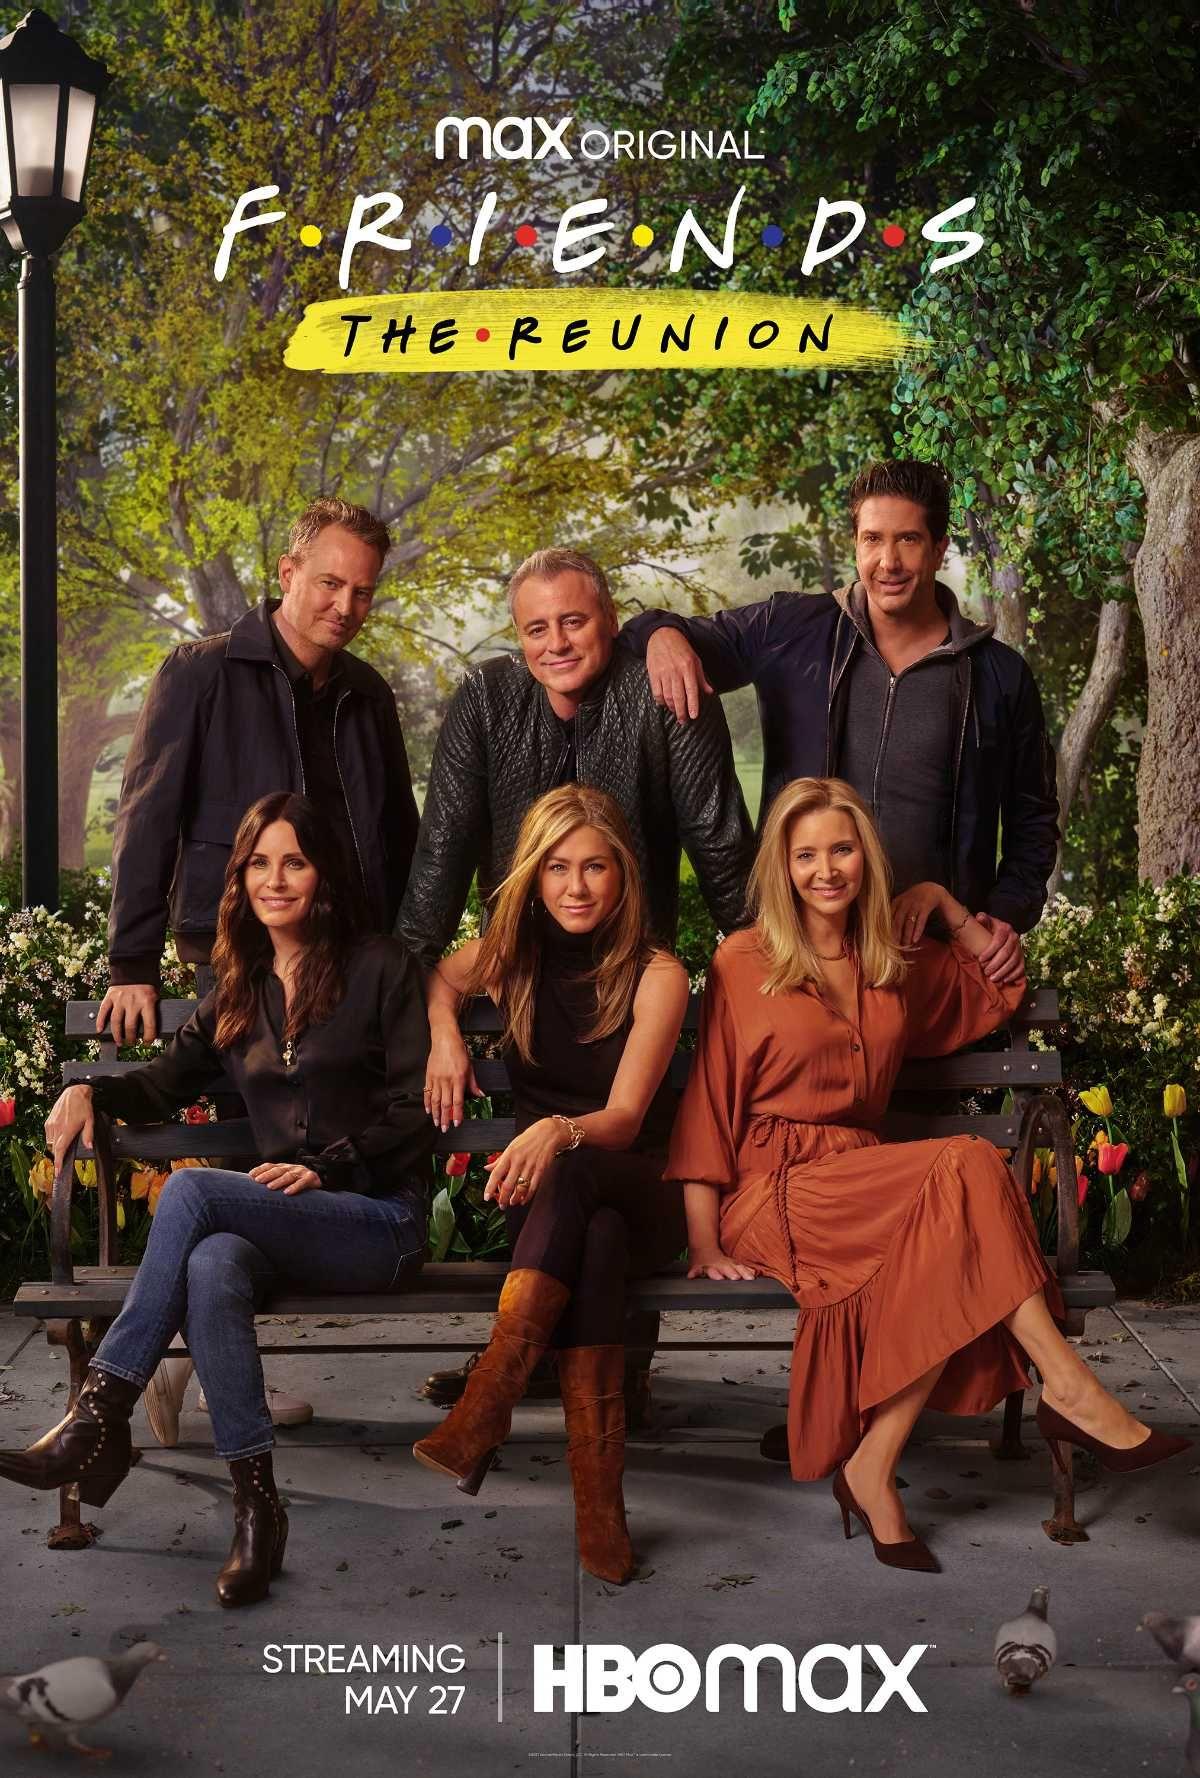 Friends The Reunion: trailer y póster oficial de HBO